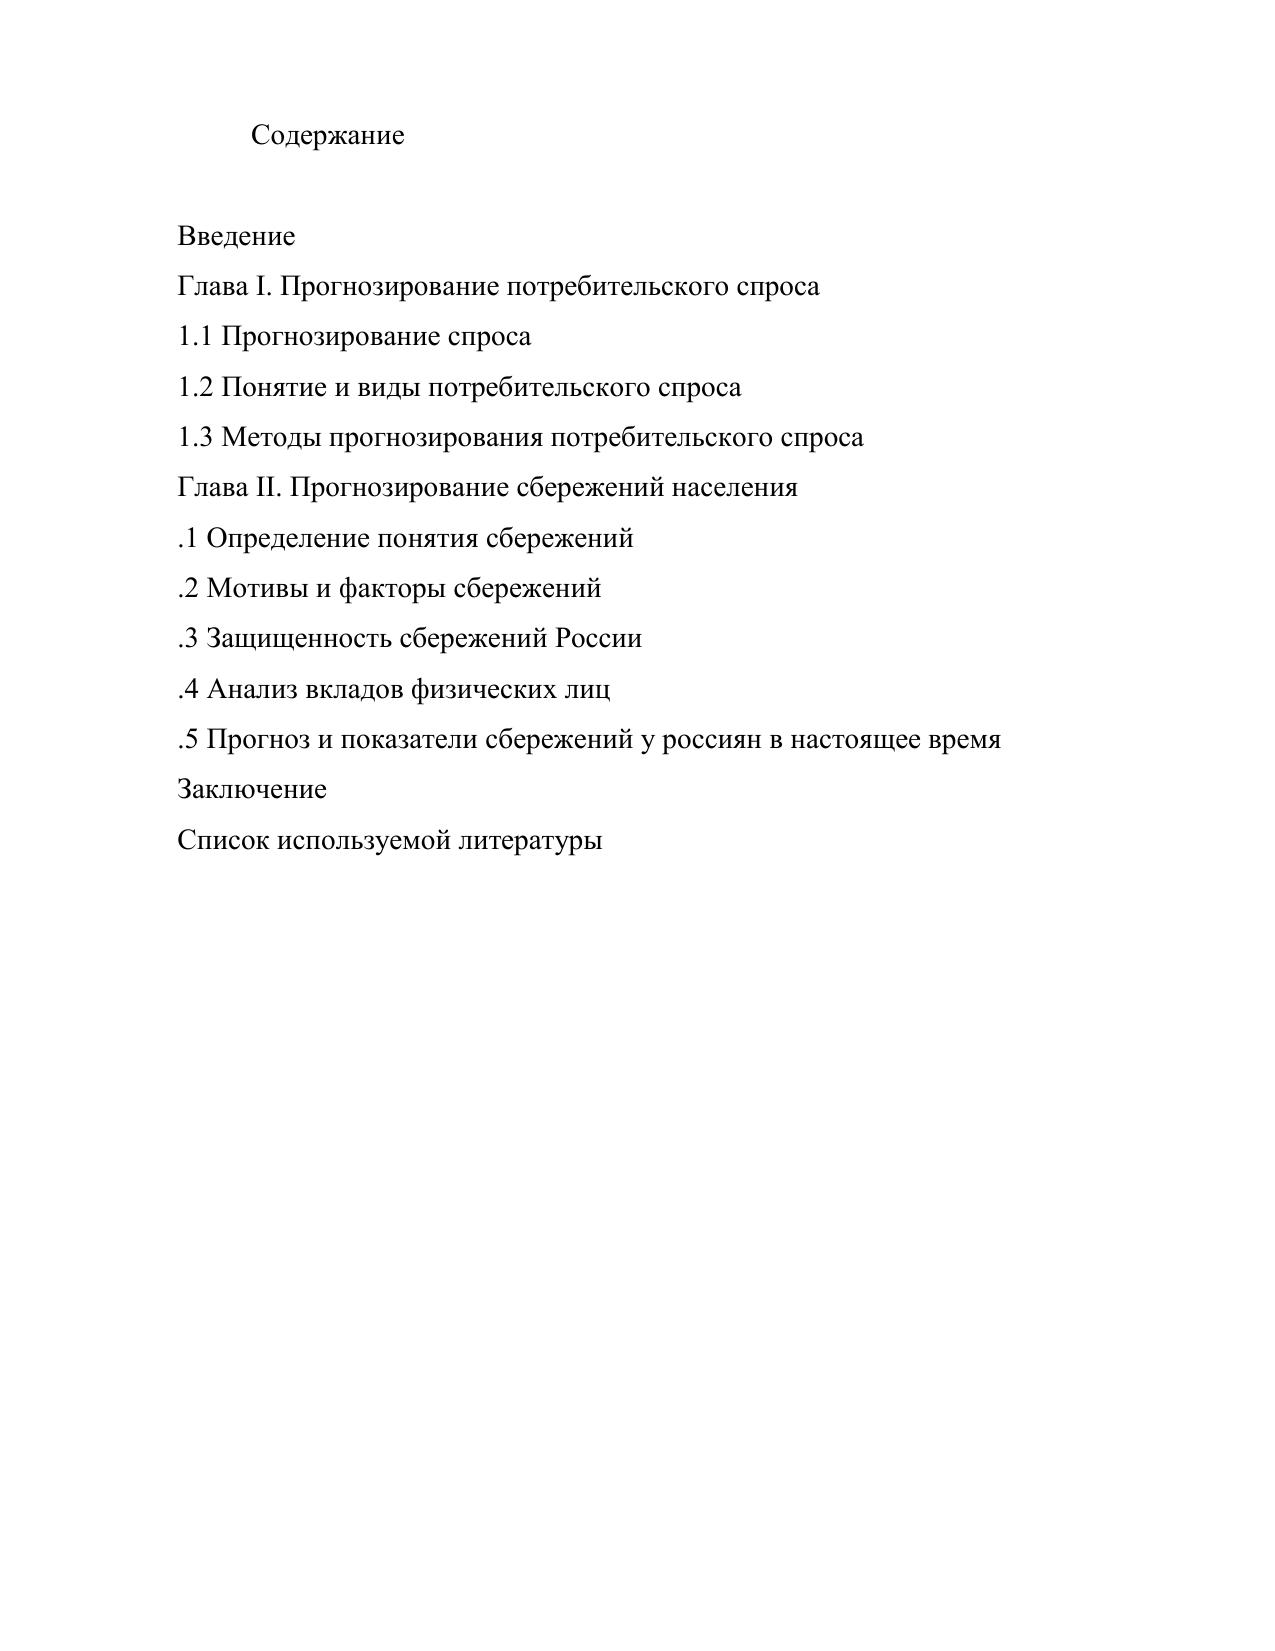 Методы изучения покупательского спроса реферат 3